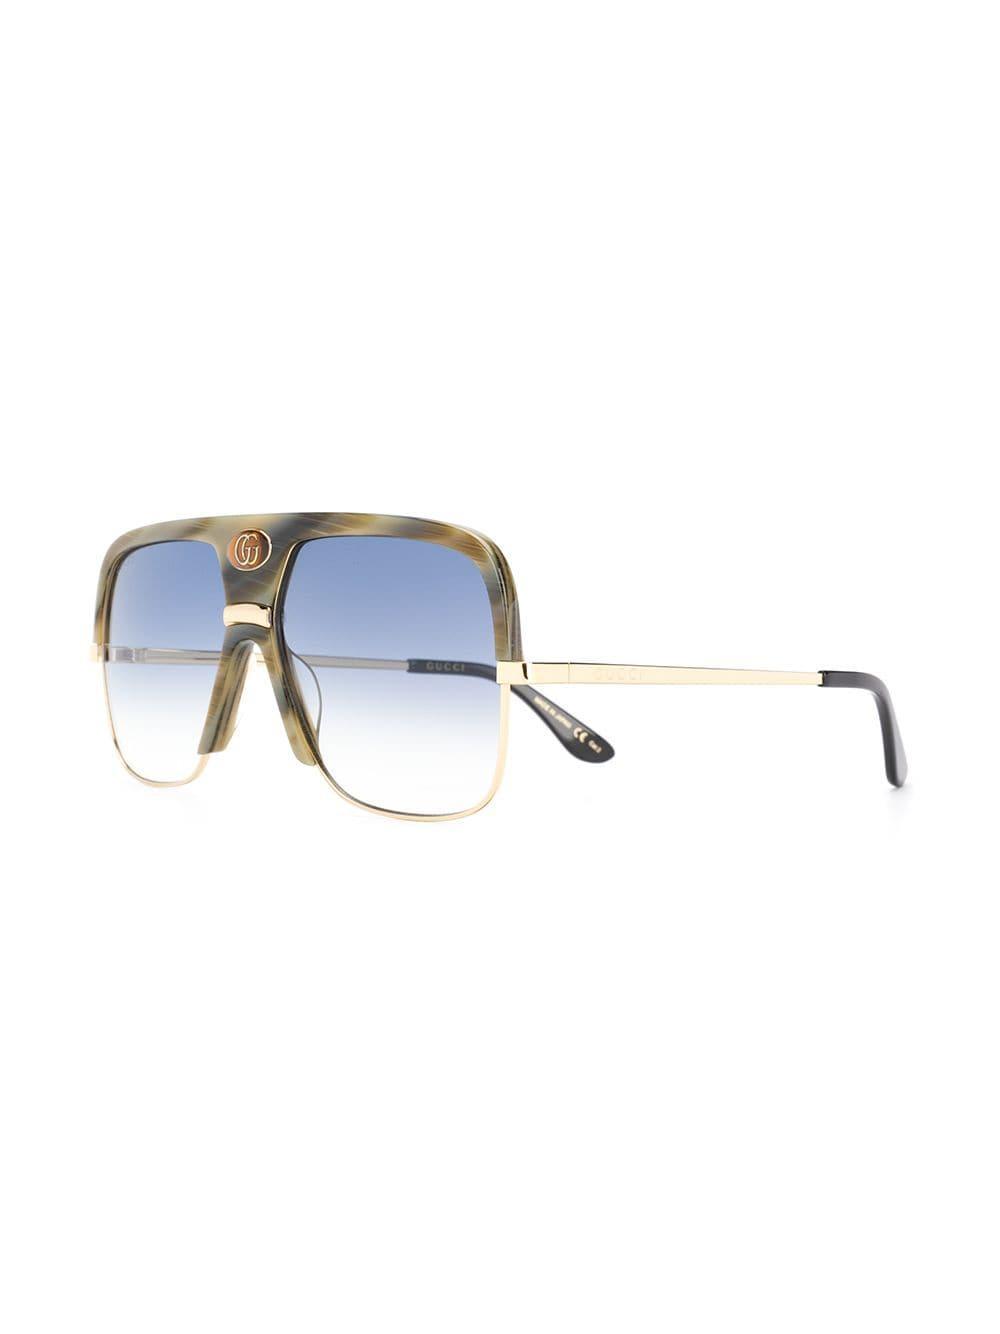 f9d189e6c23e1 Lyst - Gucci Square-frame Sunglasses in Metallic for Men